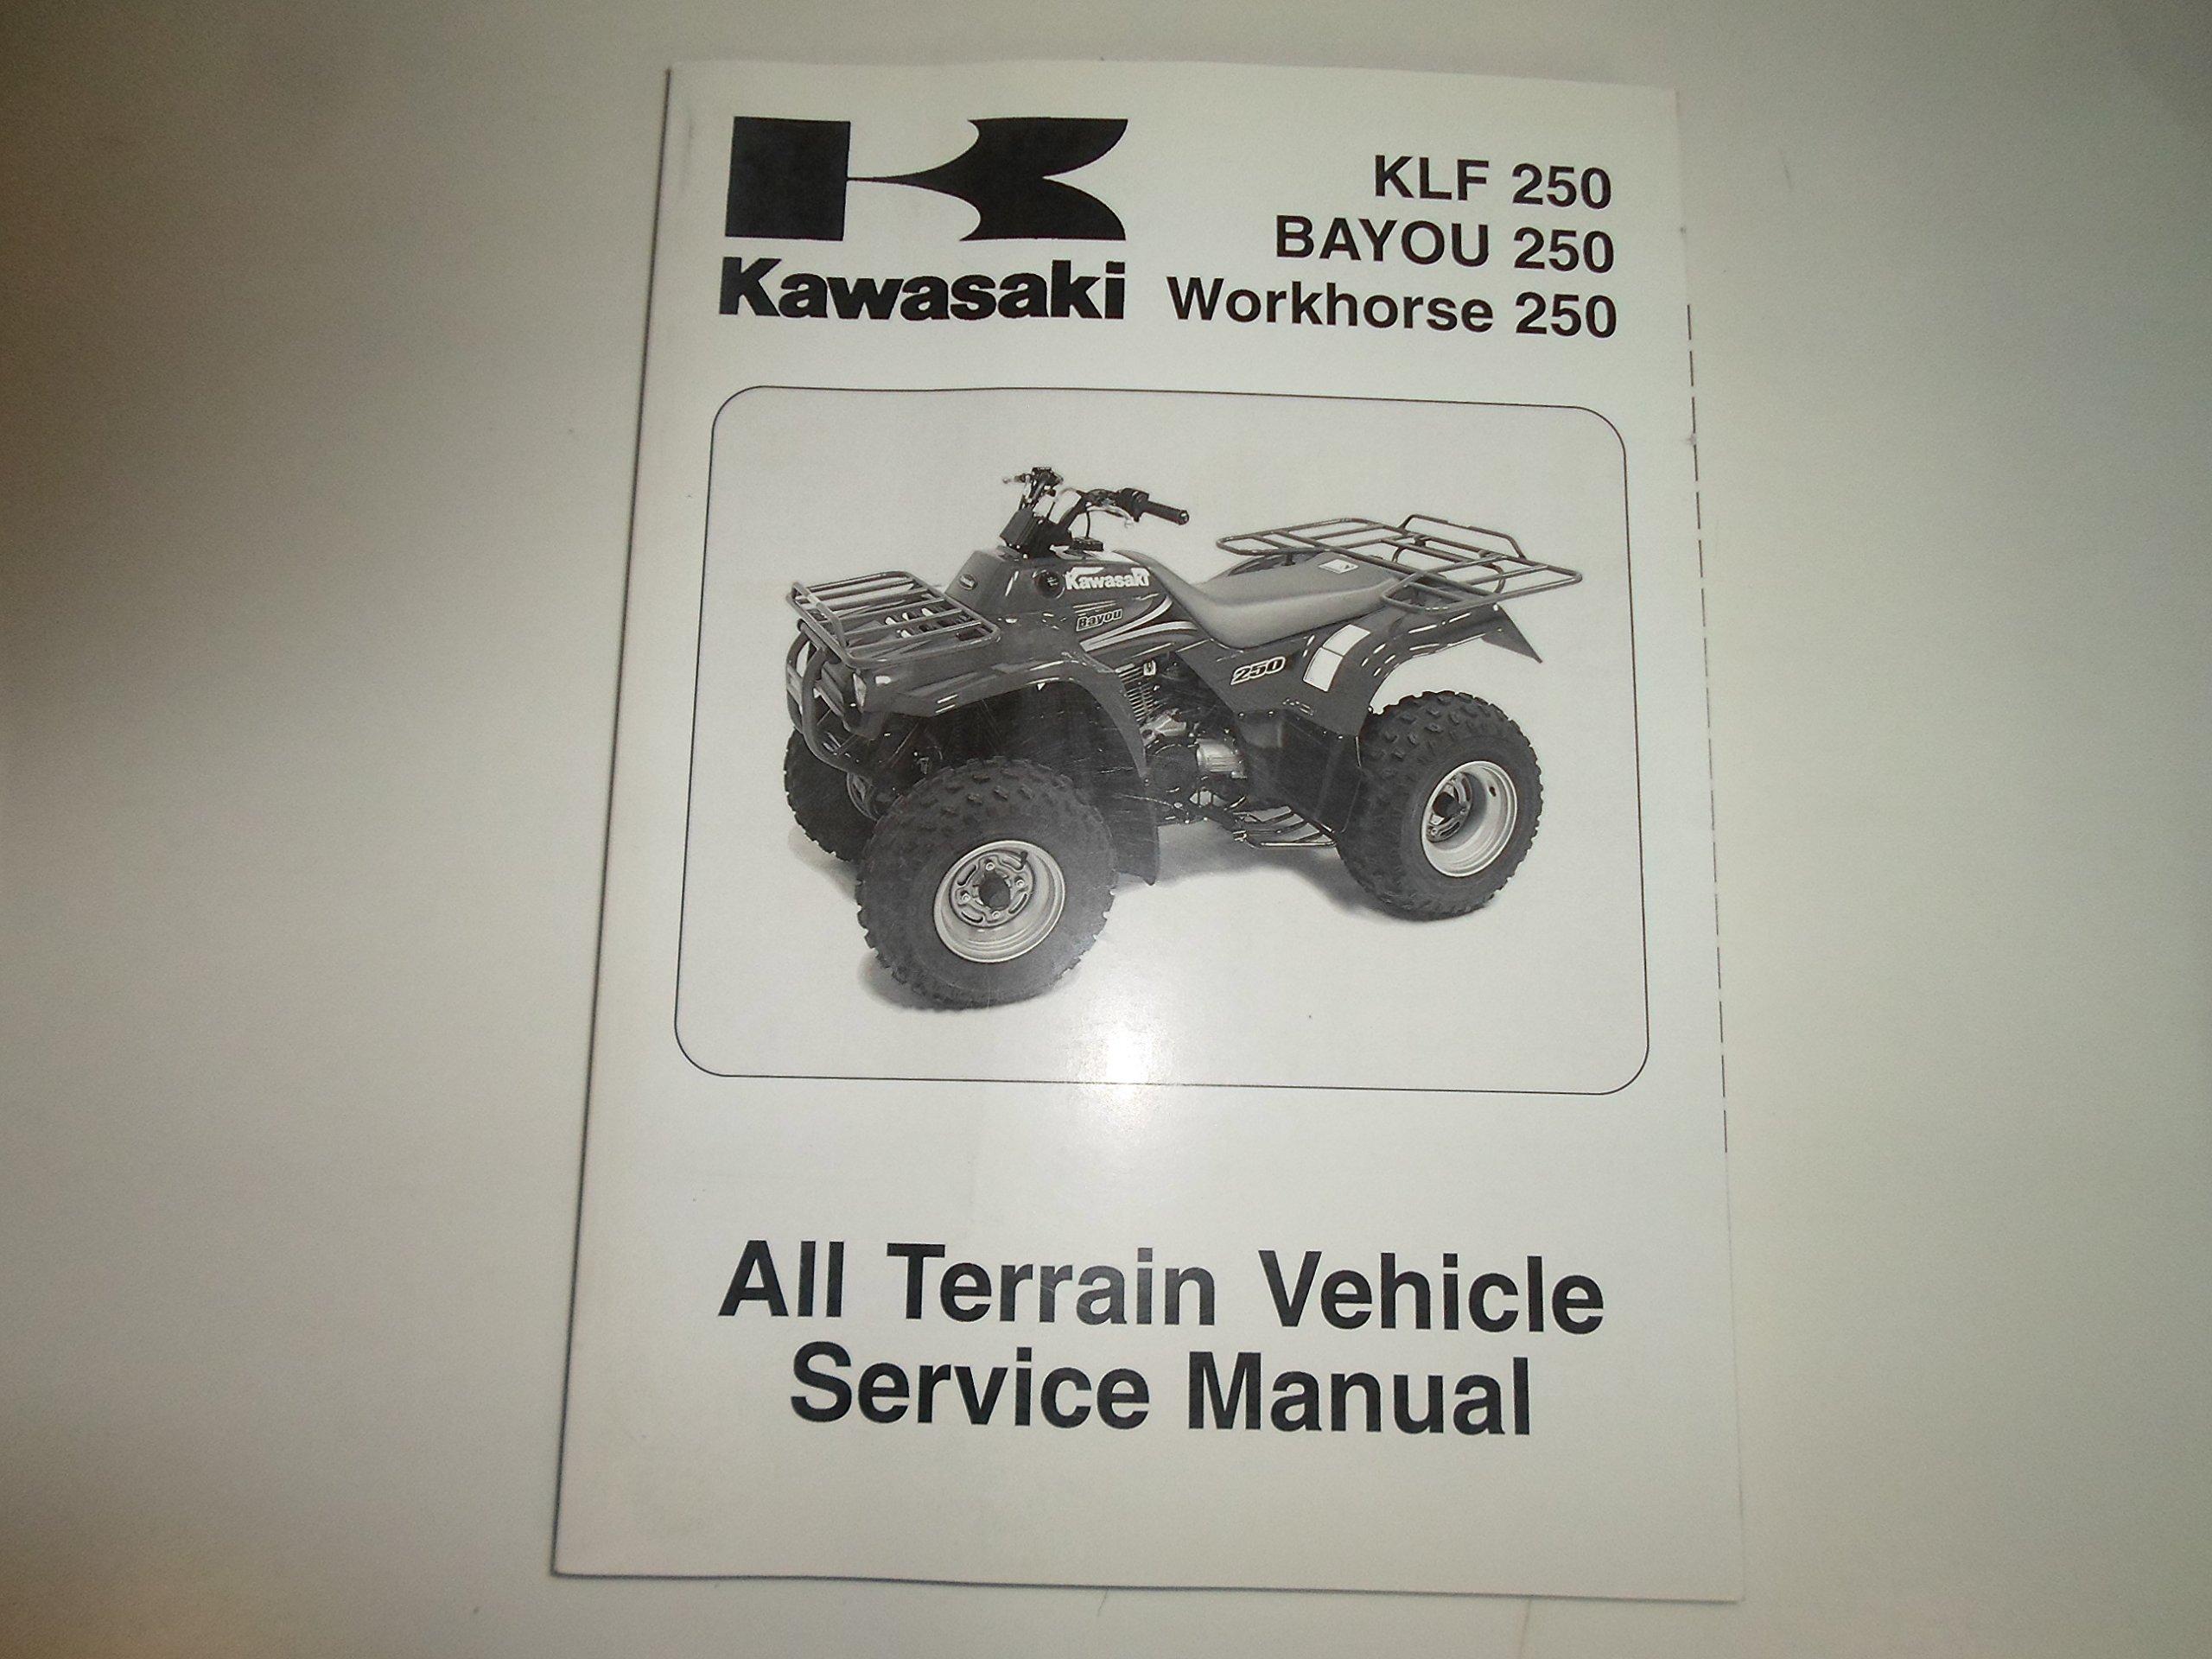 ... manual Array - 2003 2008 kawasaki klf 250 bayou 250 workhorse 250 atv  service rh amazon com